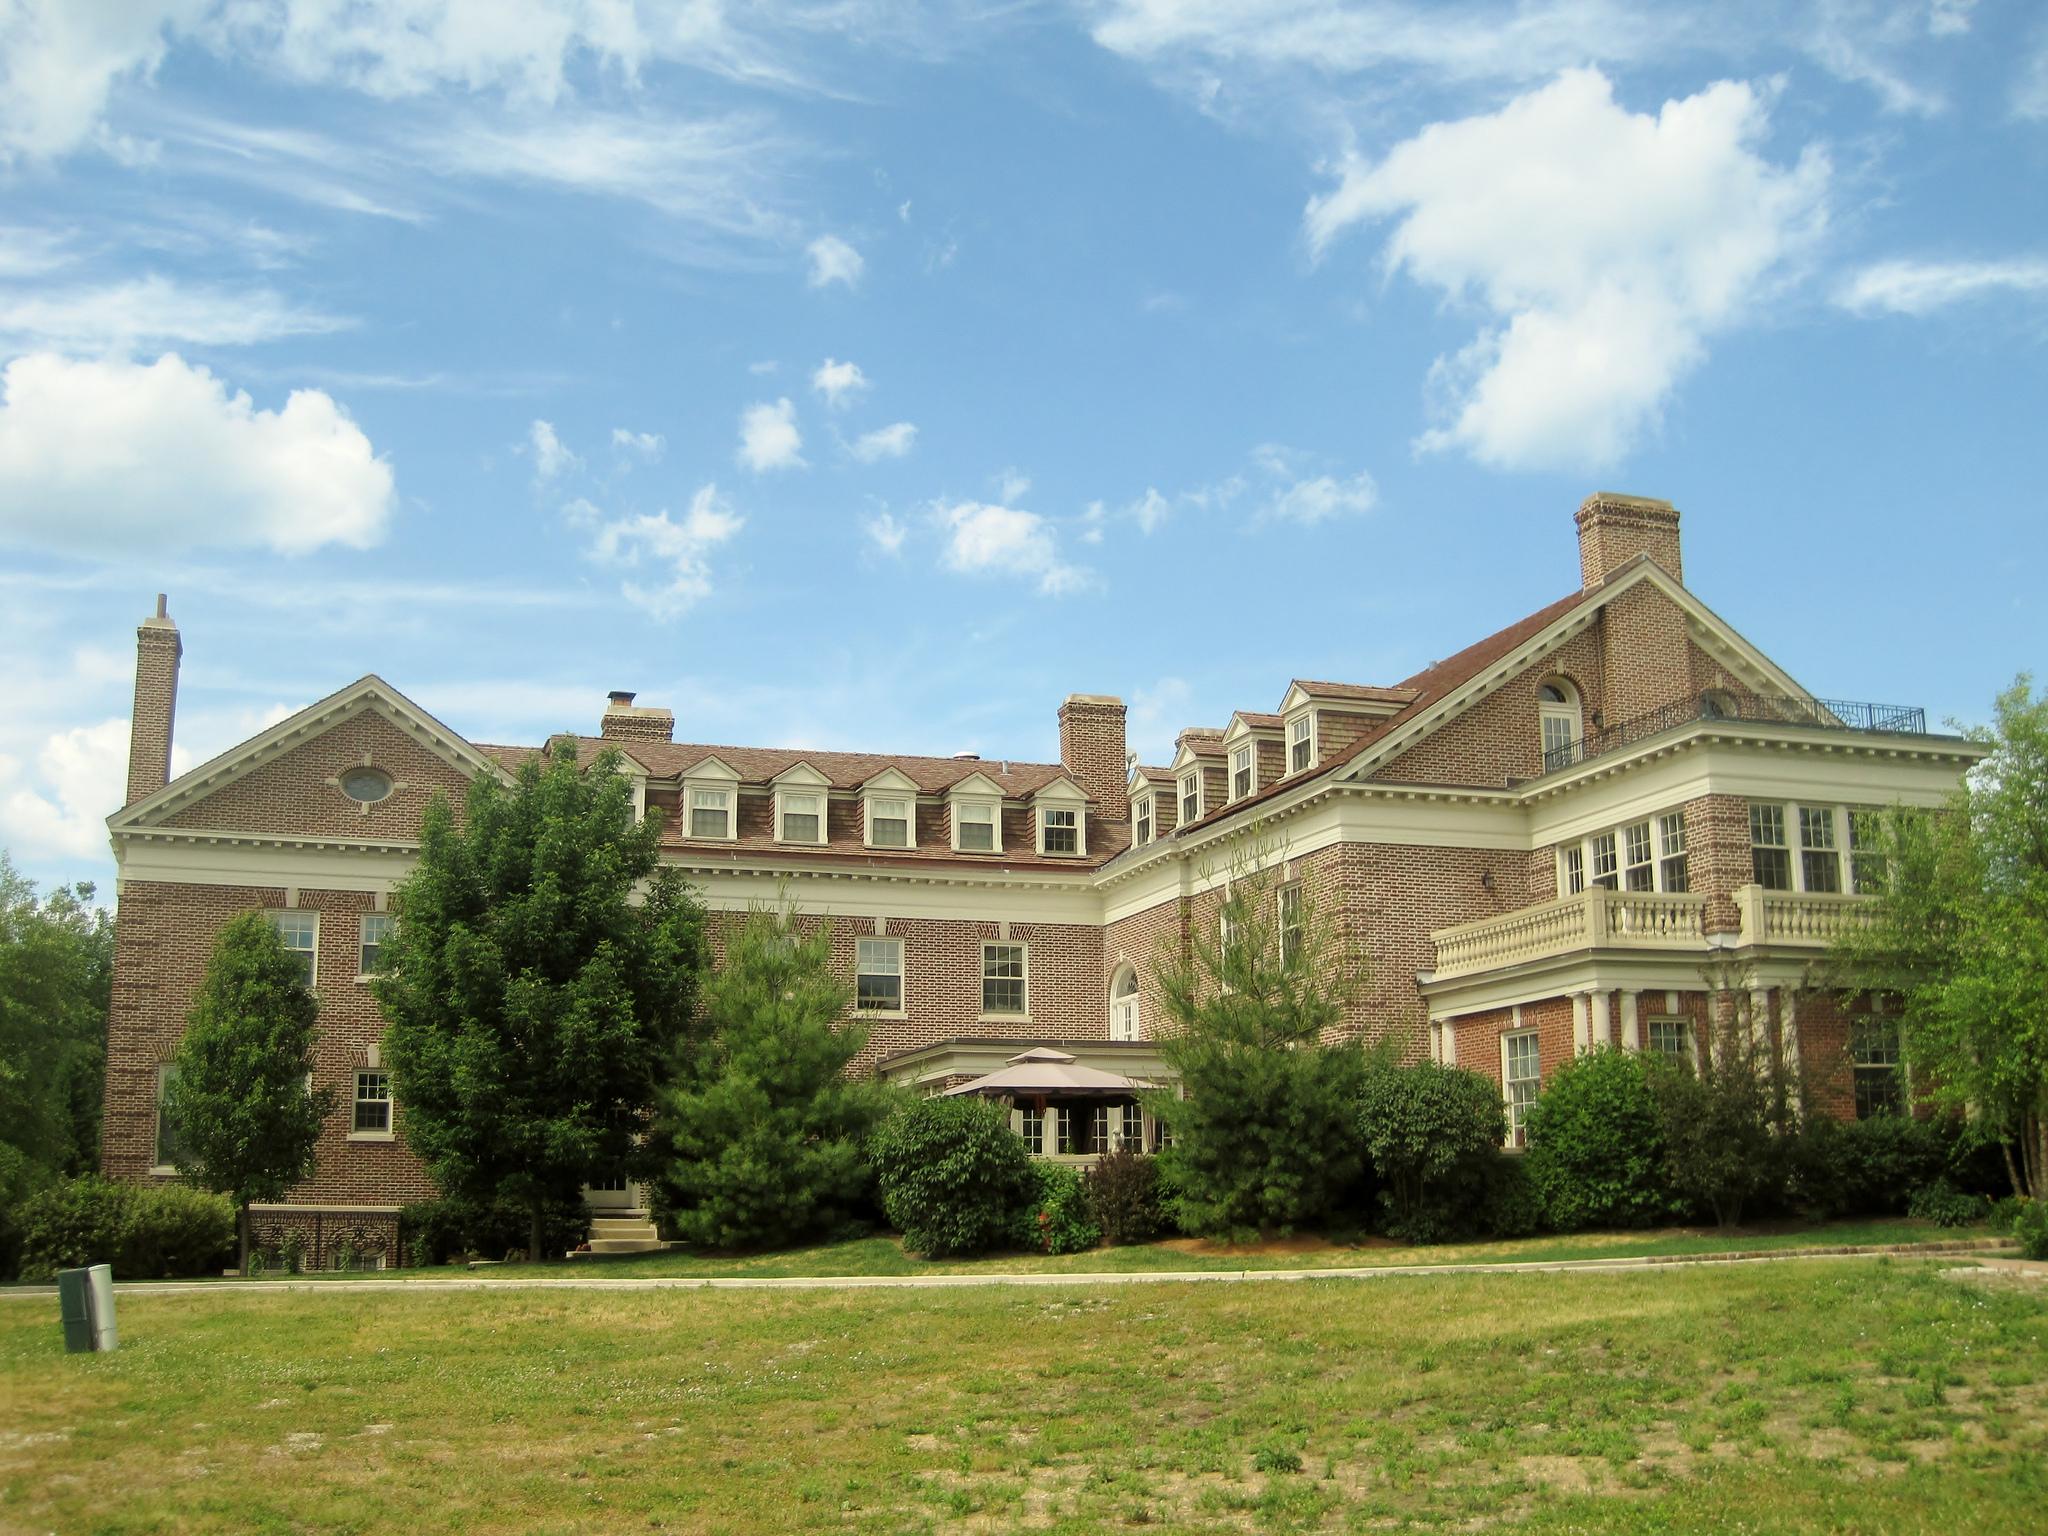 Back of the Mansion, Taken 2012.